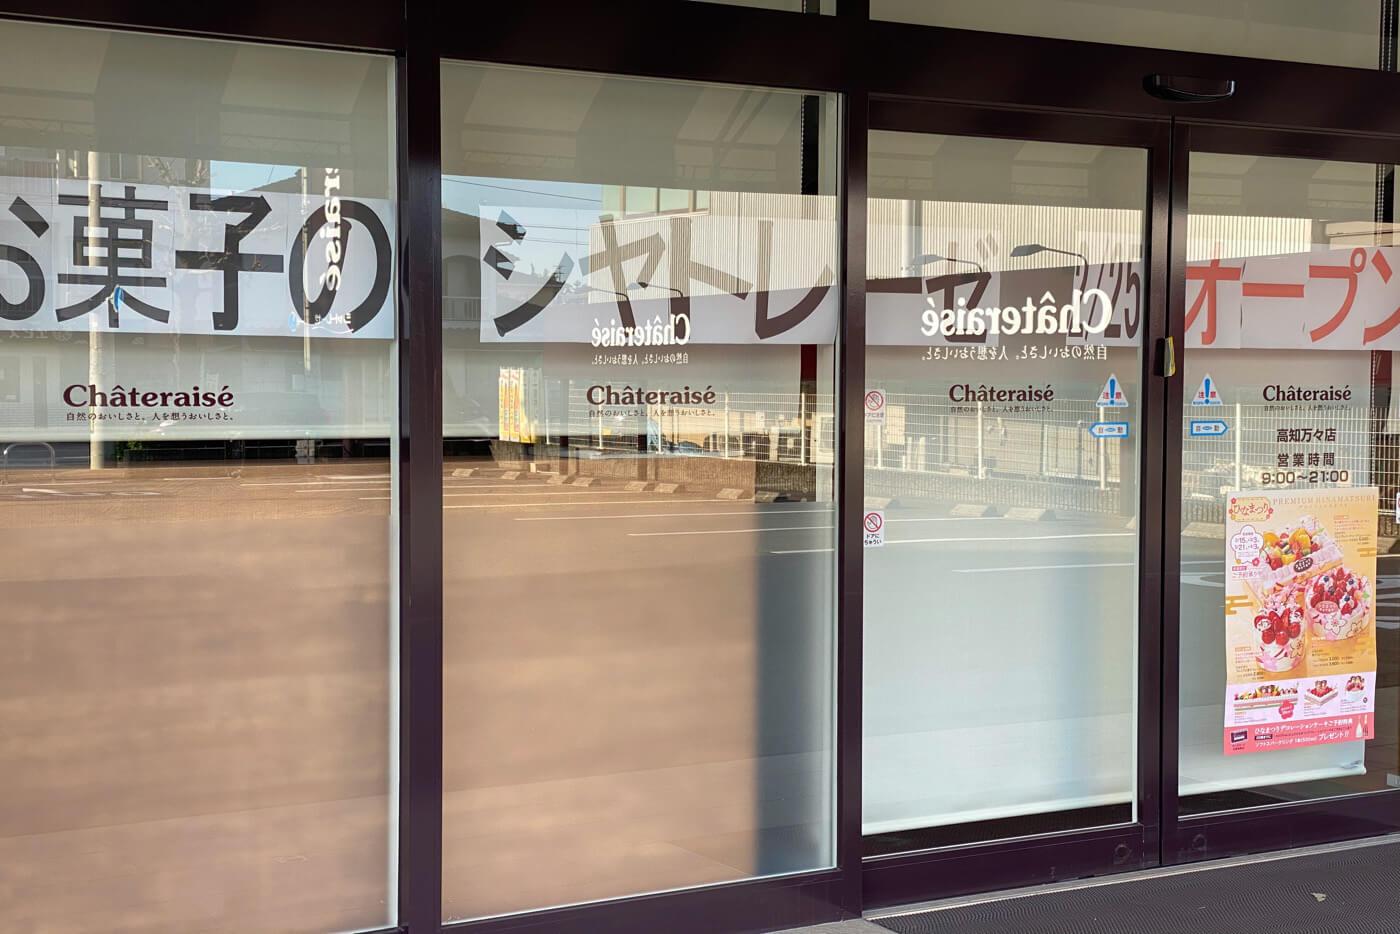 2020年2月25日にオープンするシャトレーゼ高知万々店 外観